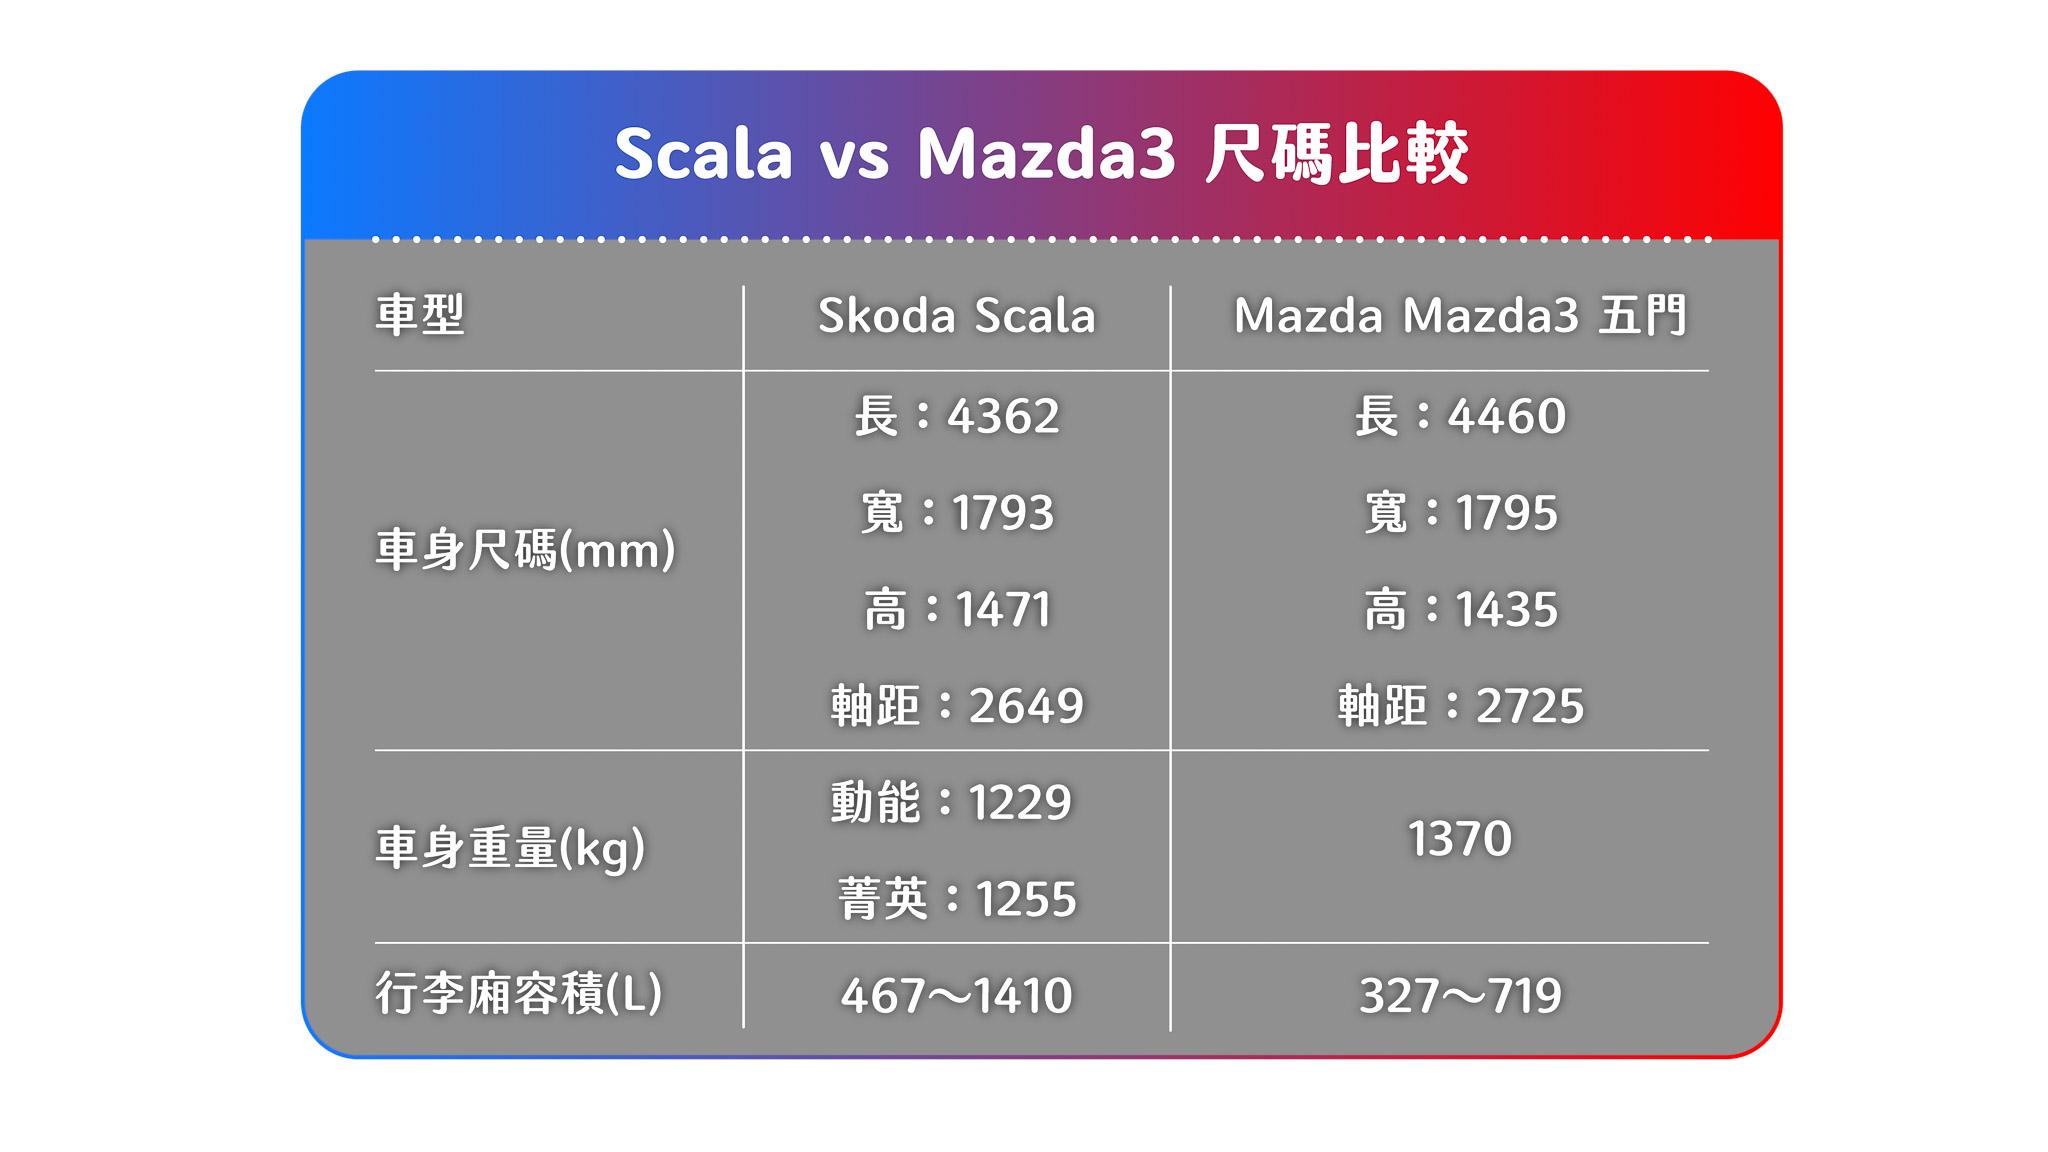 兩者相較,可以發現 Mazda3 雖然外部尺碼稍大,但在空間運用上,Skoda Scala 更佔上風。